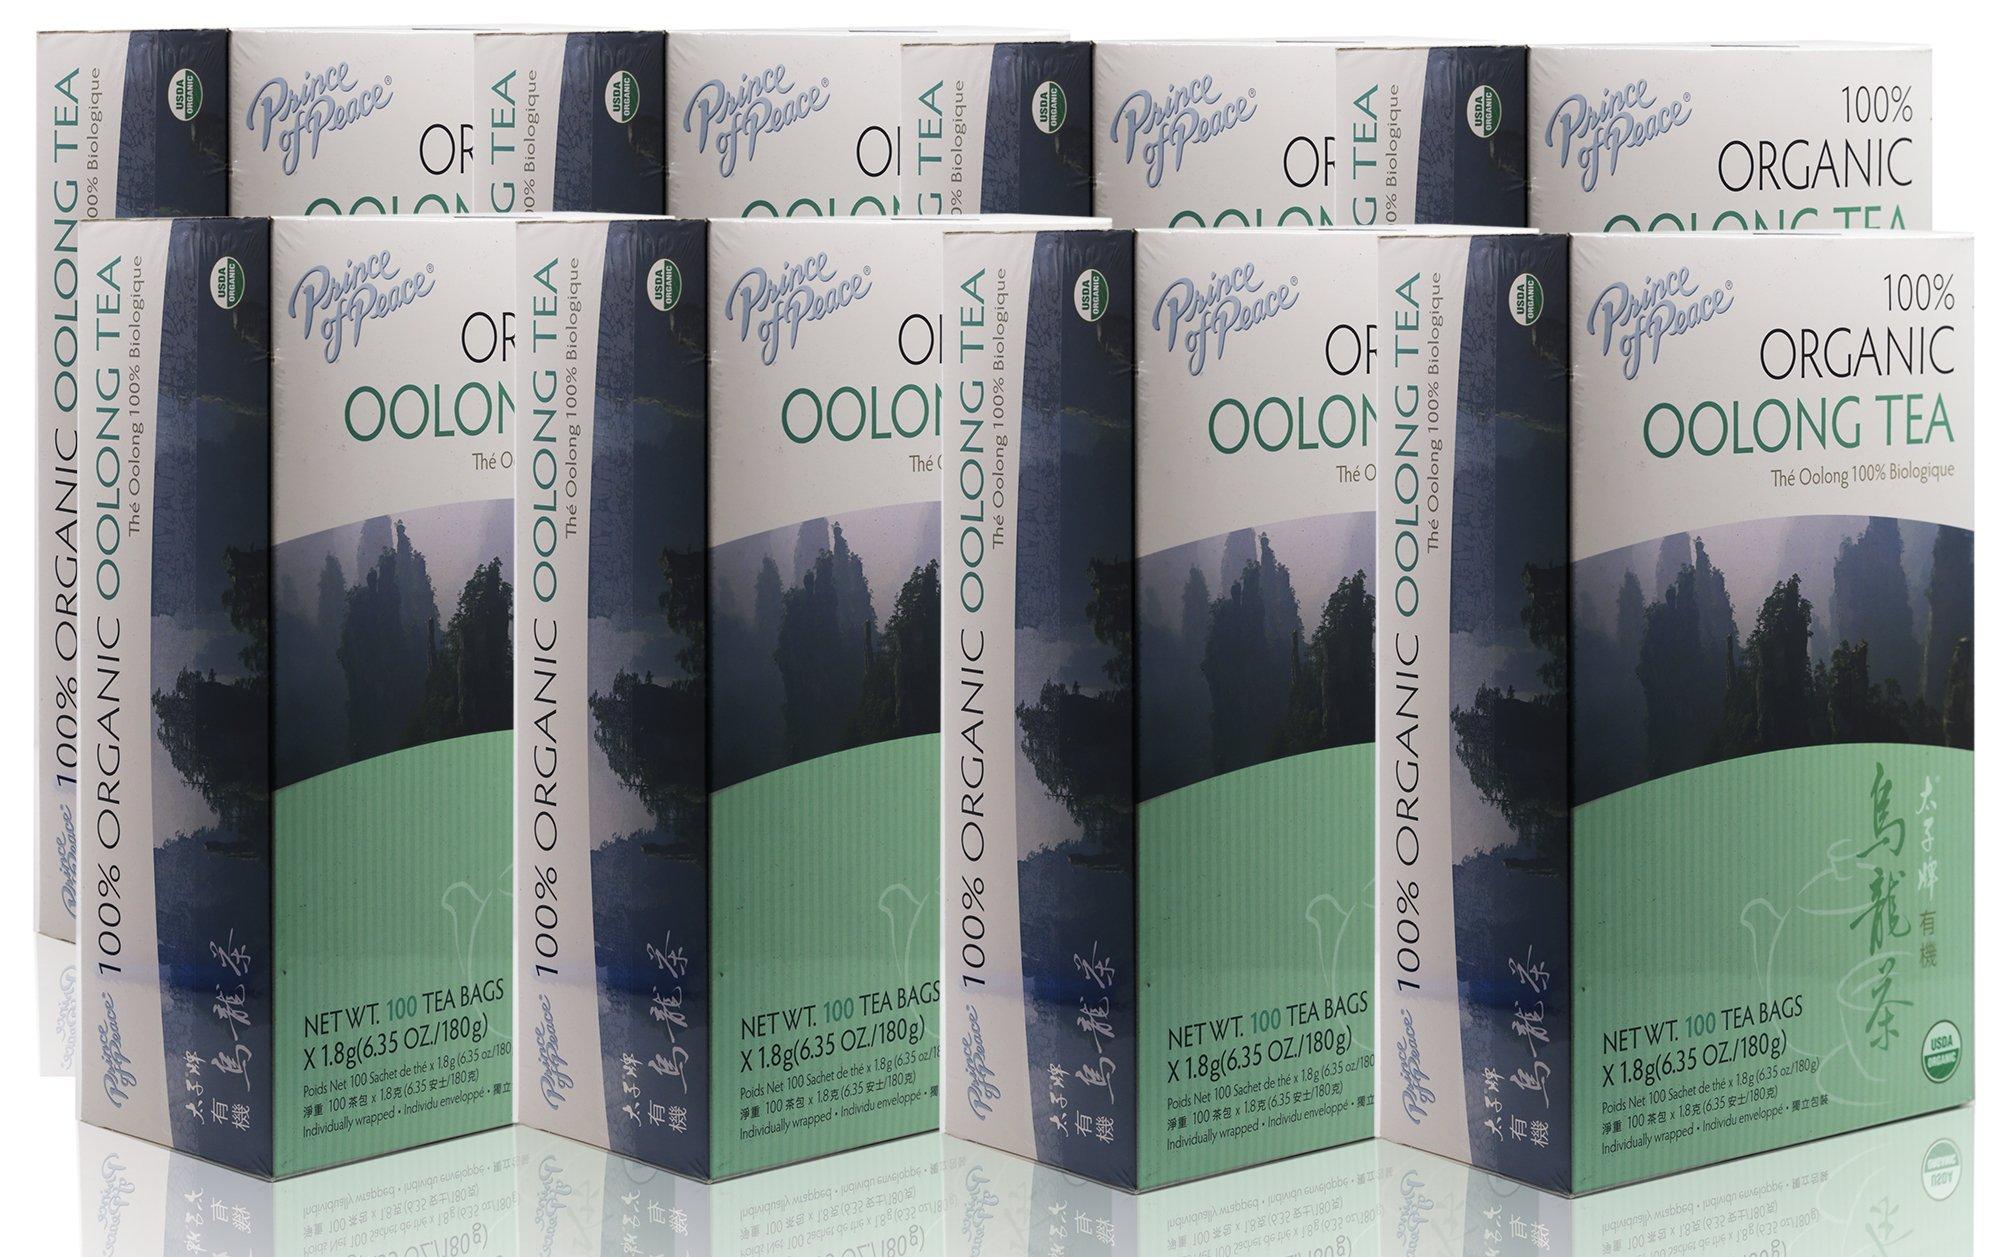 Prince Of Peace Organic Oolong Tea-100 Tea Bags net wt. 6.35oz (180g) (8)